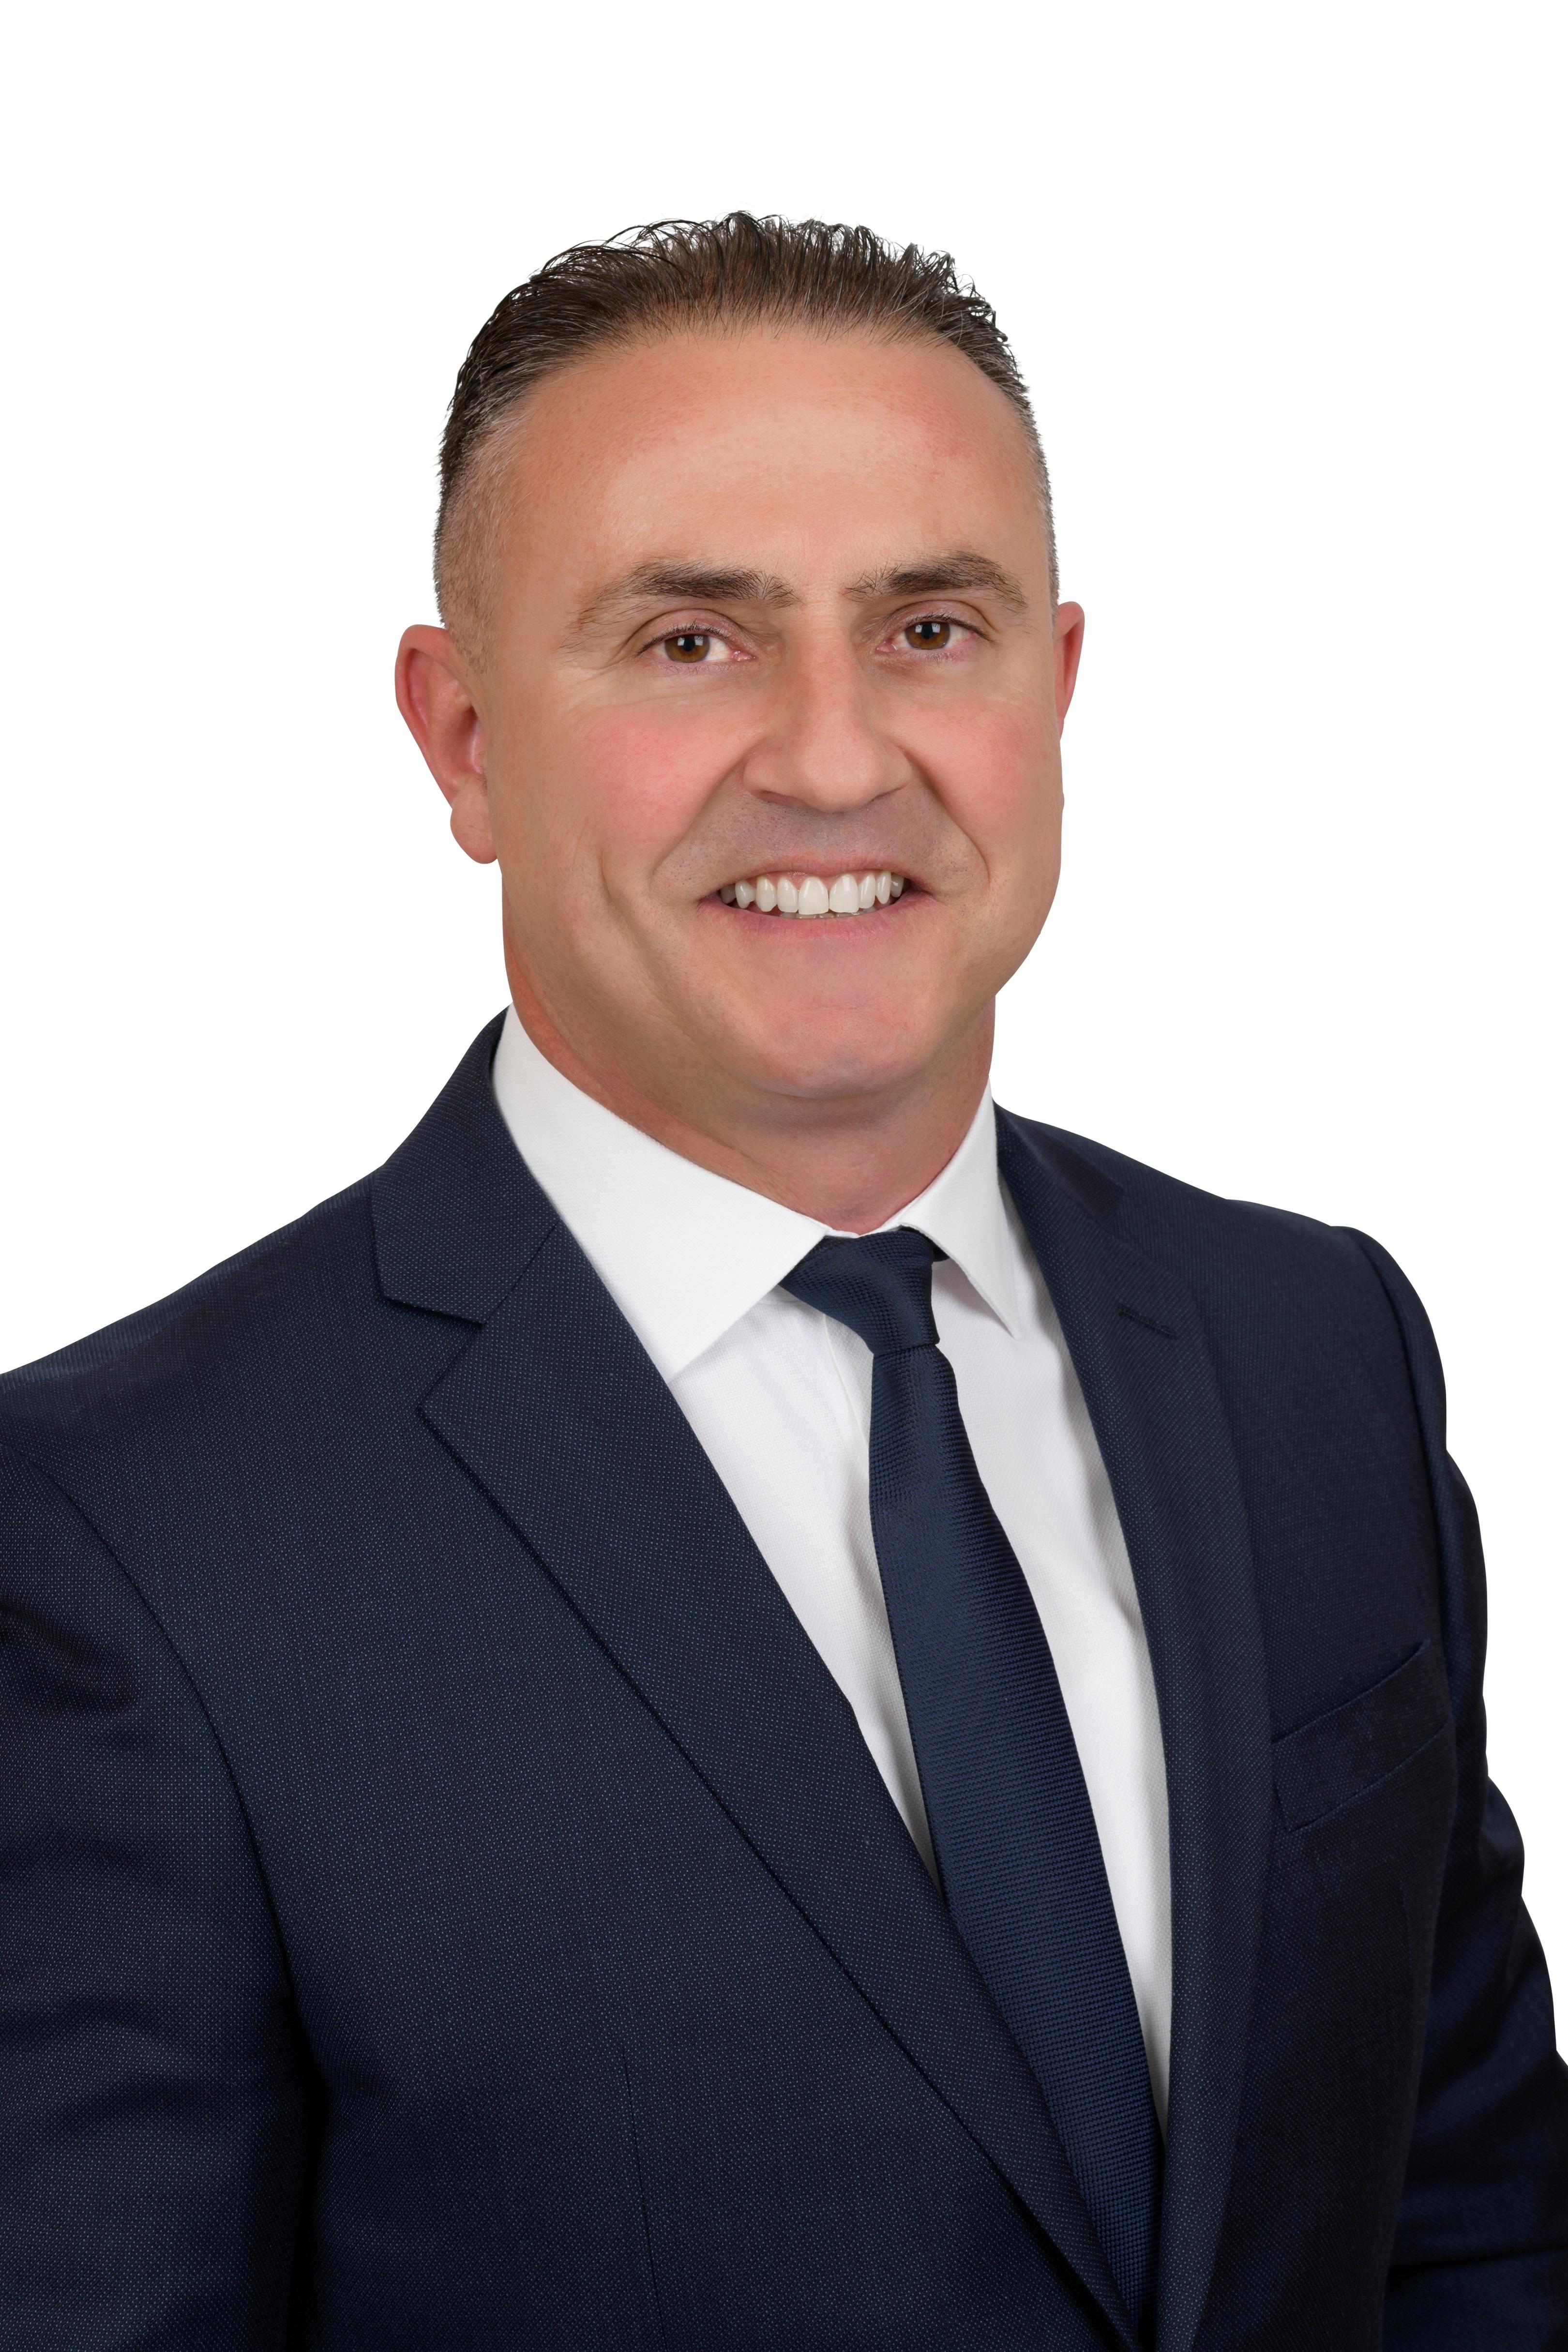 Tony Licastro